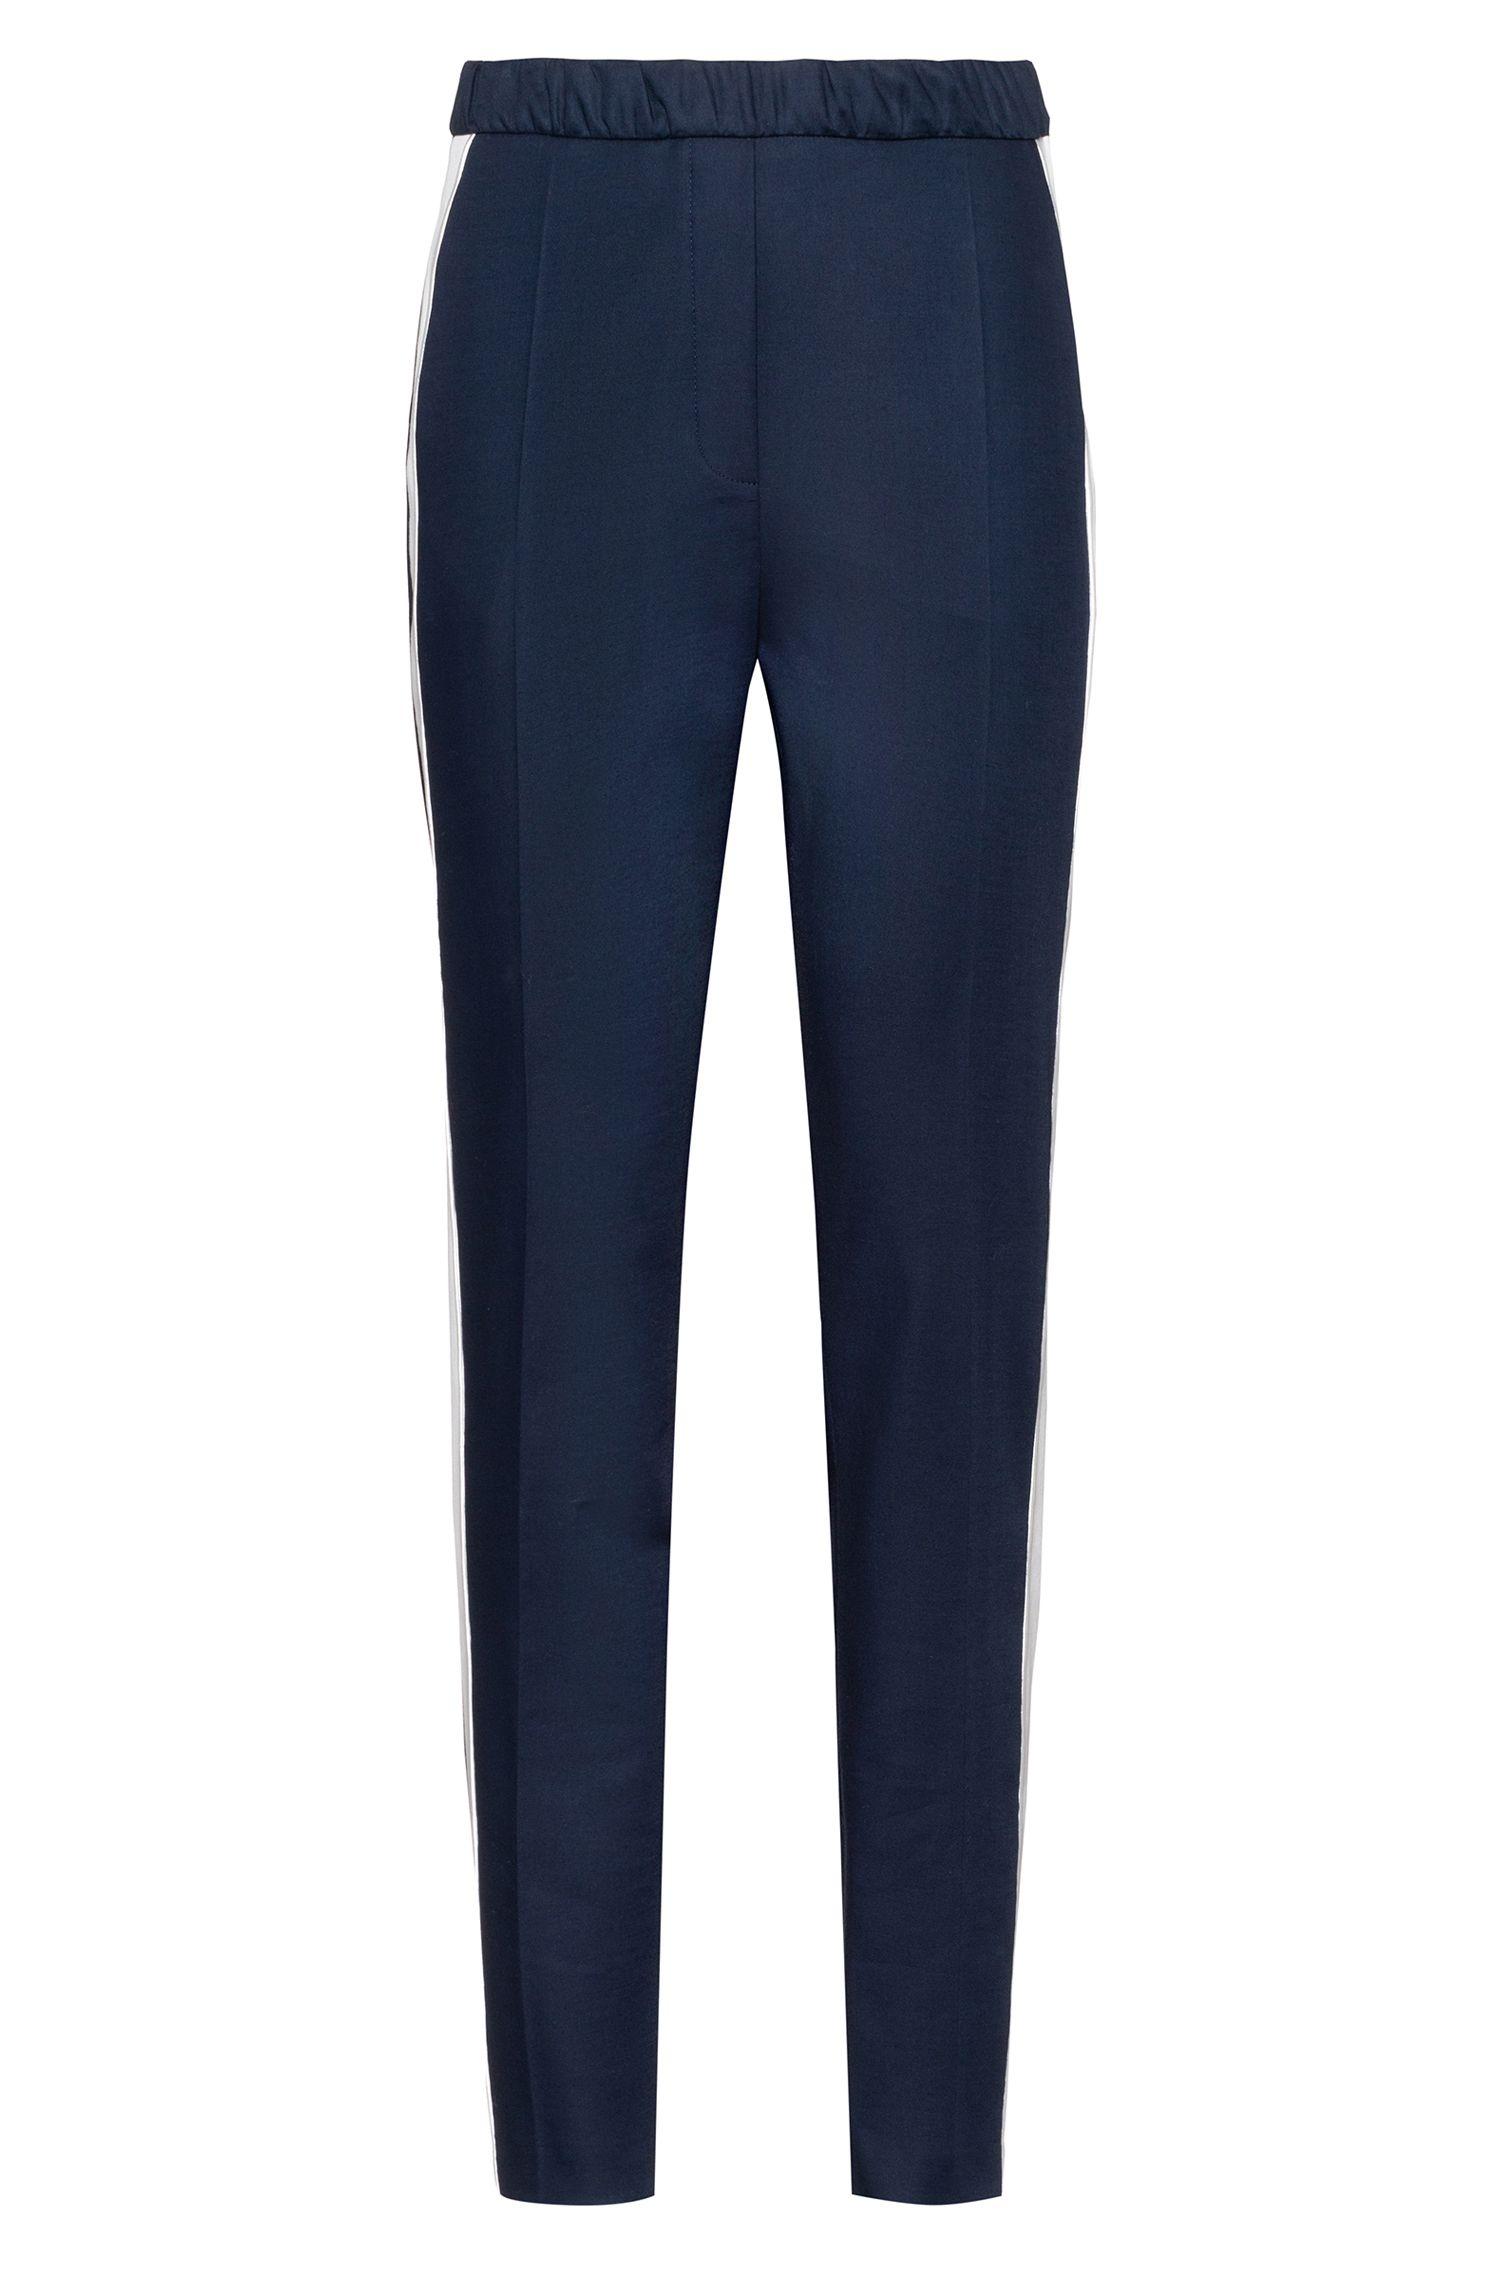 Pantalon taille haute en gabardine stretch à rayures contrastantes, Bleu